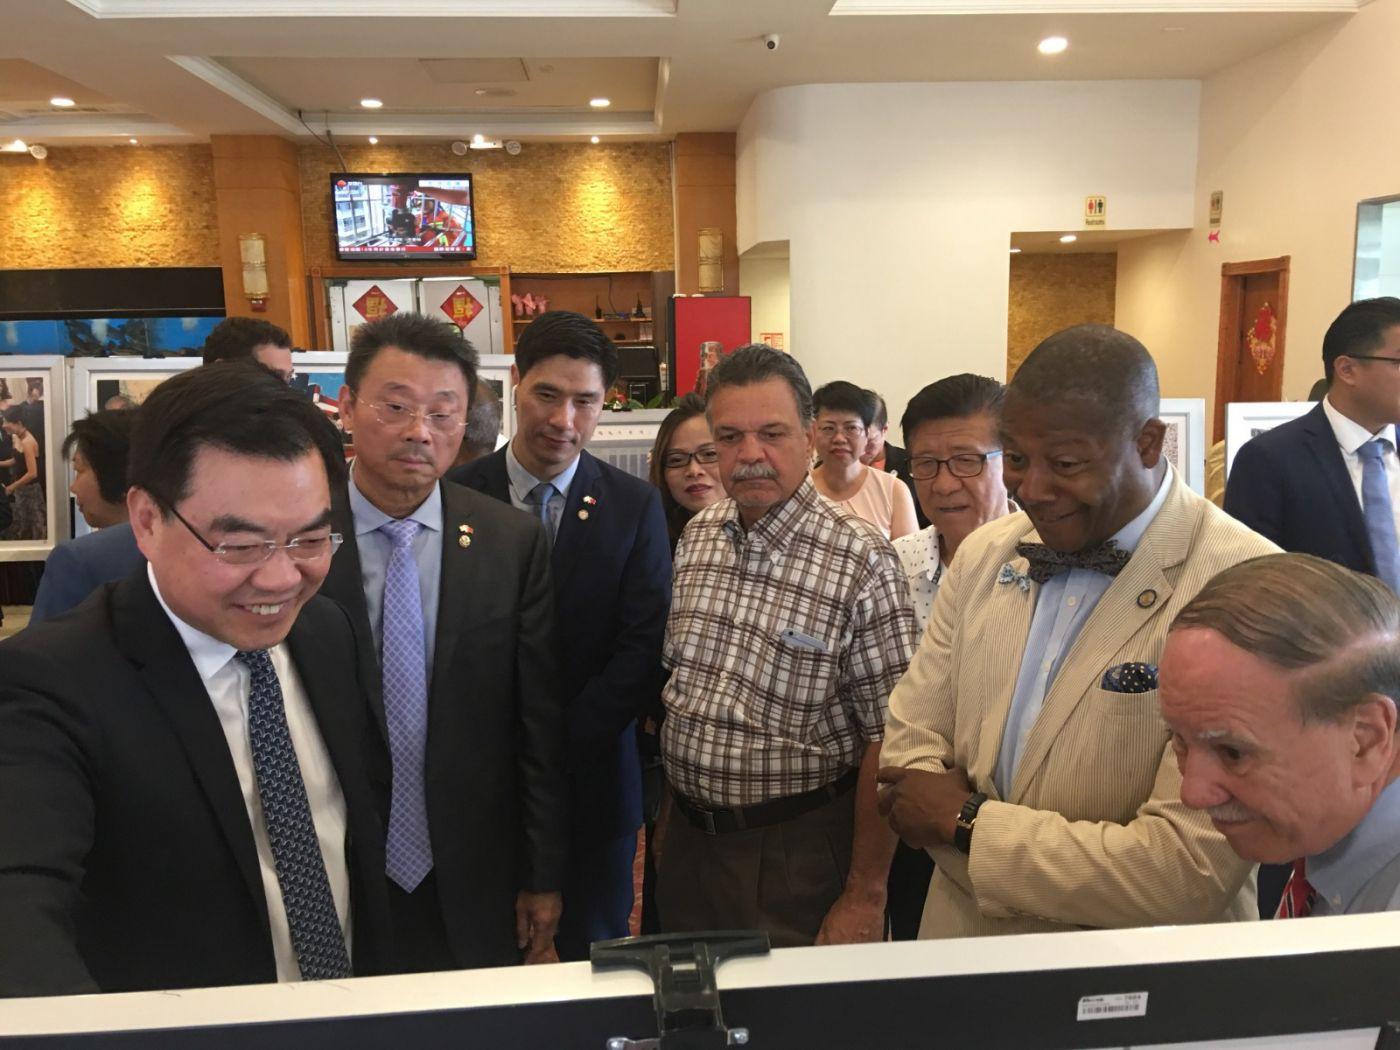 紐約州參議院通過「中國日」決議案慶祝会在紐約舉行_图1-3